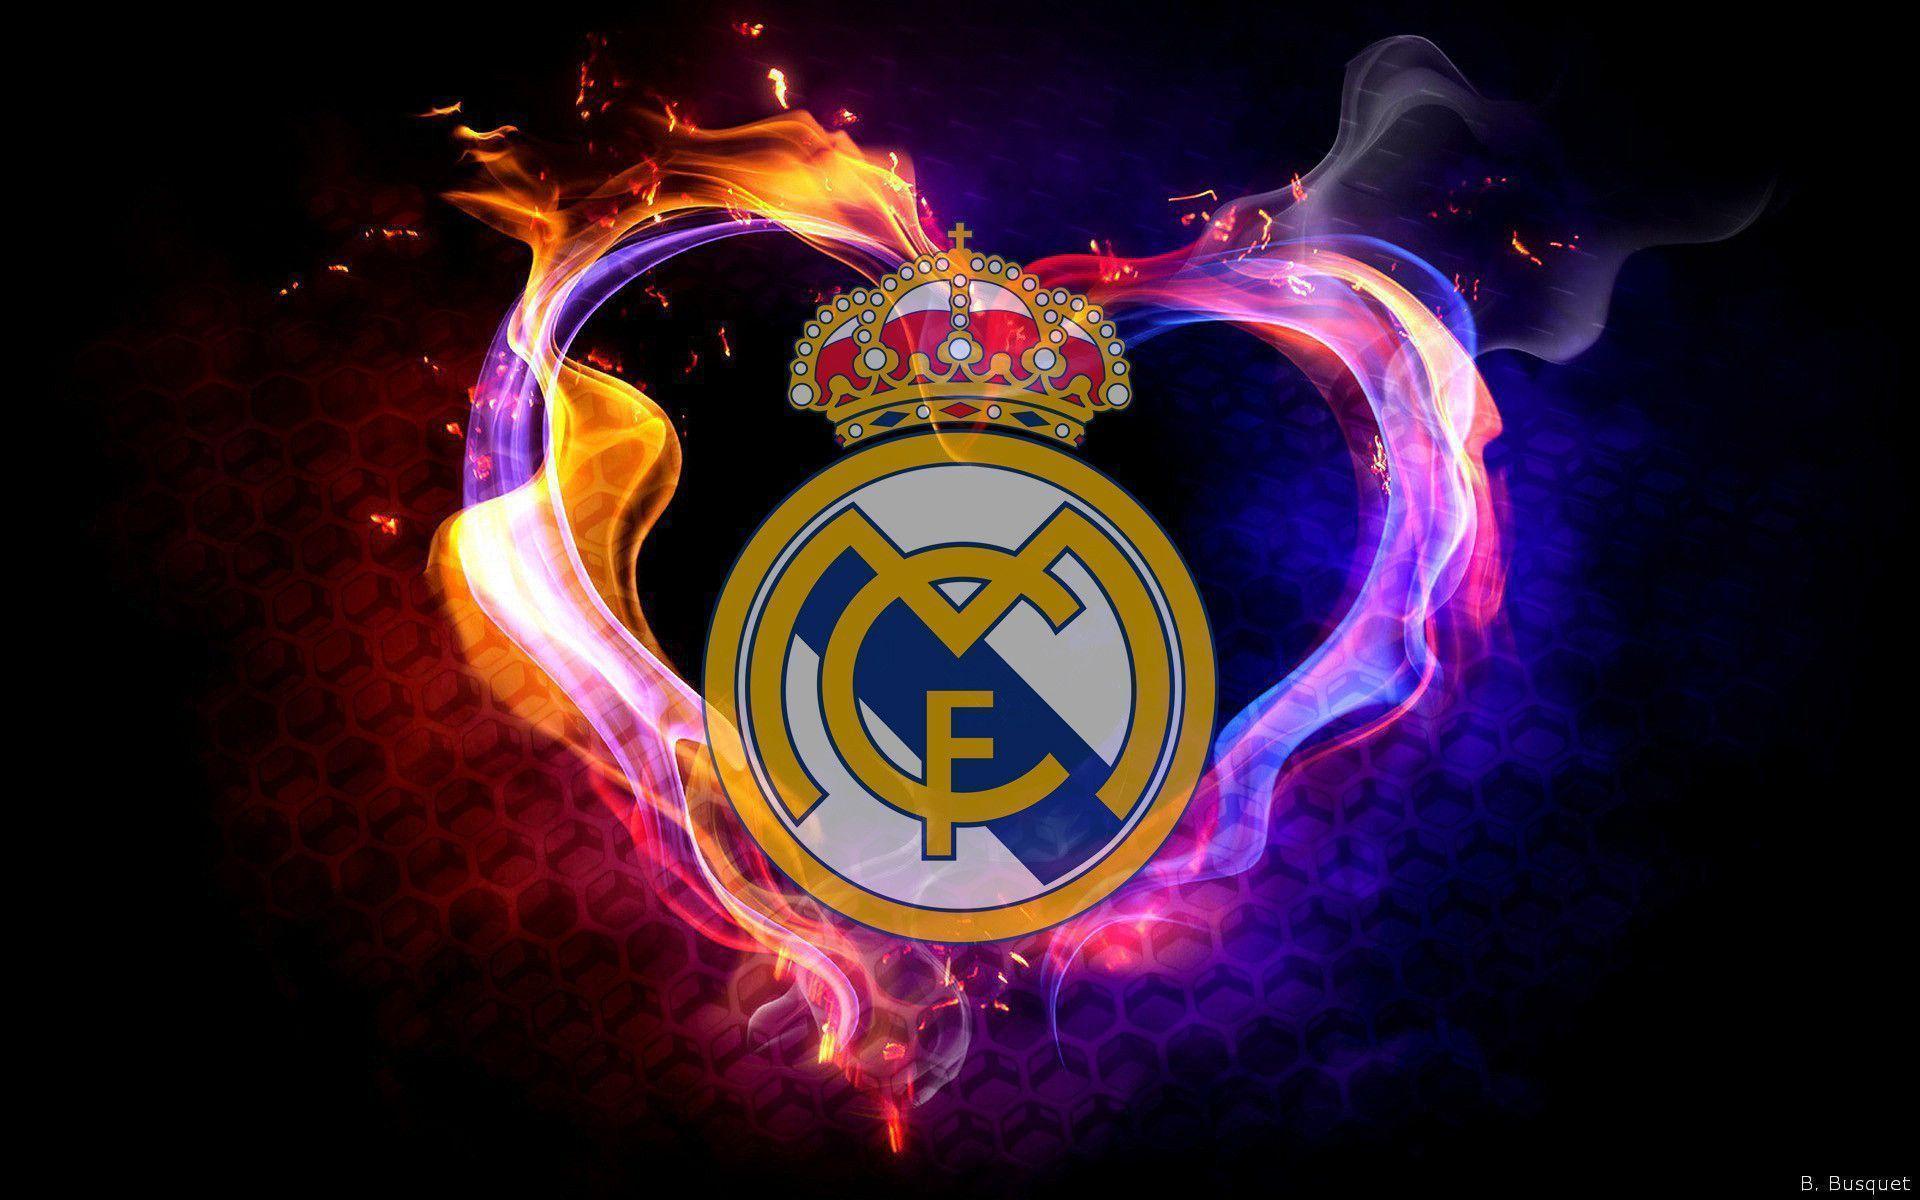 Résultat de recherche d'images pour 'image du logo du real de madride'